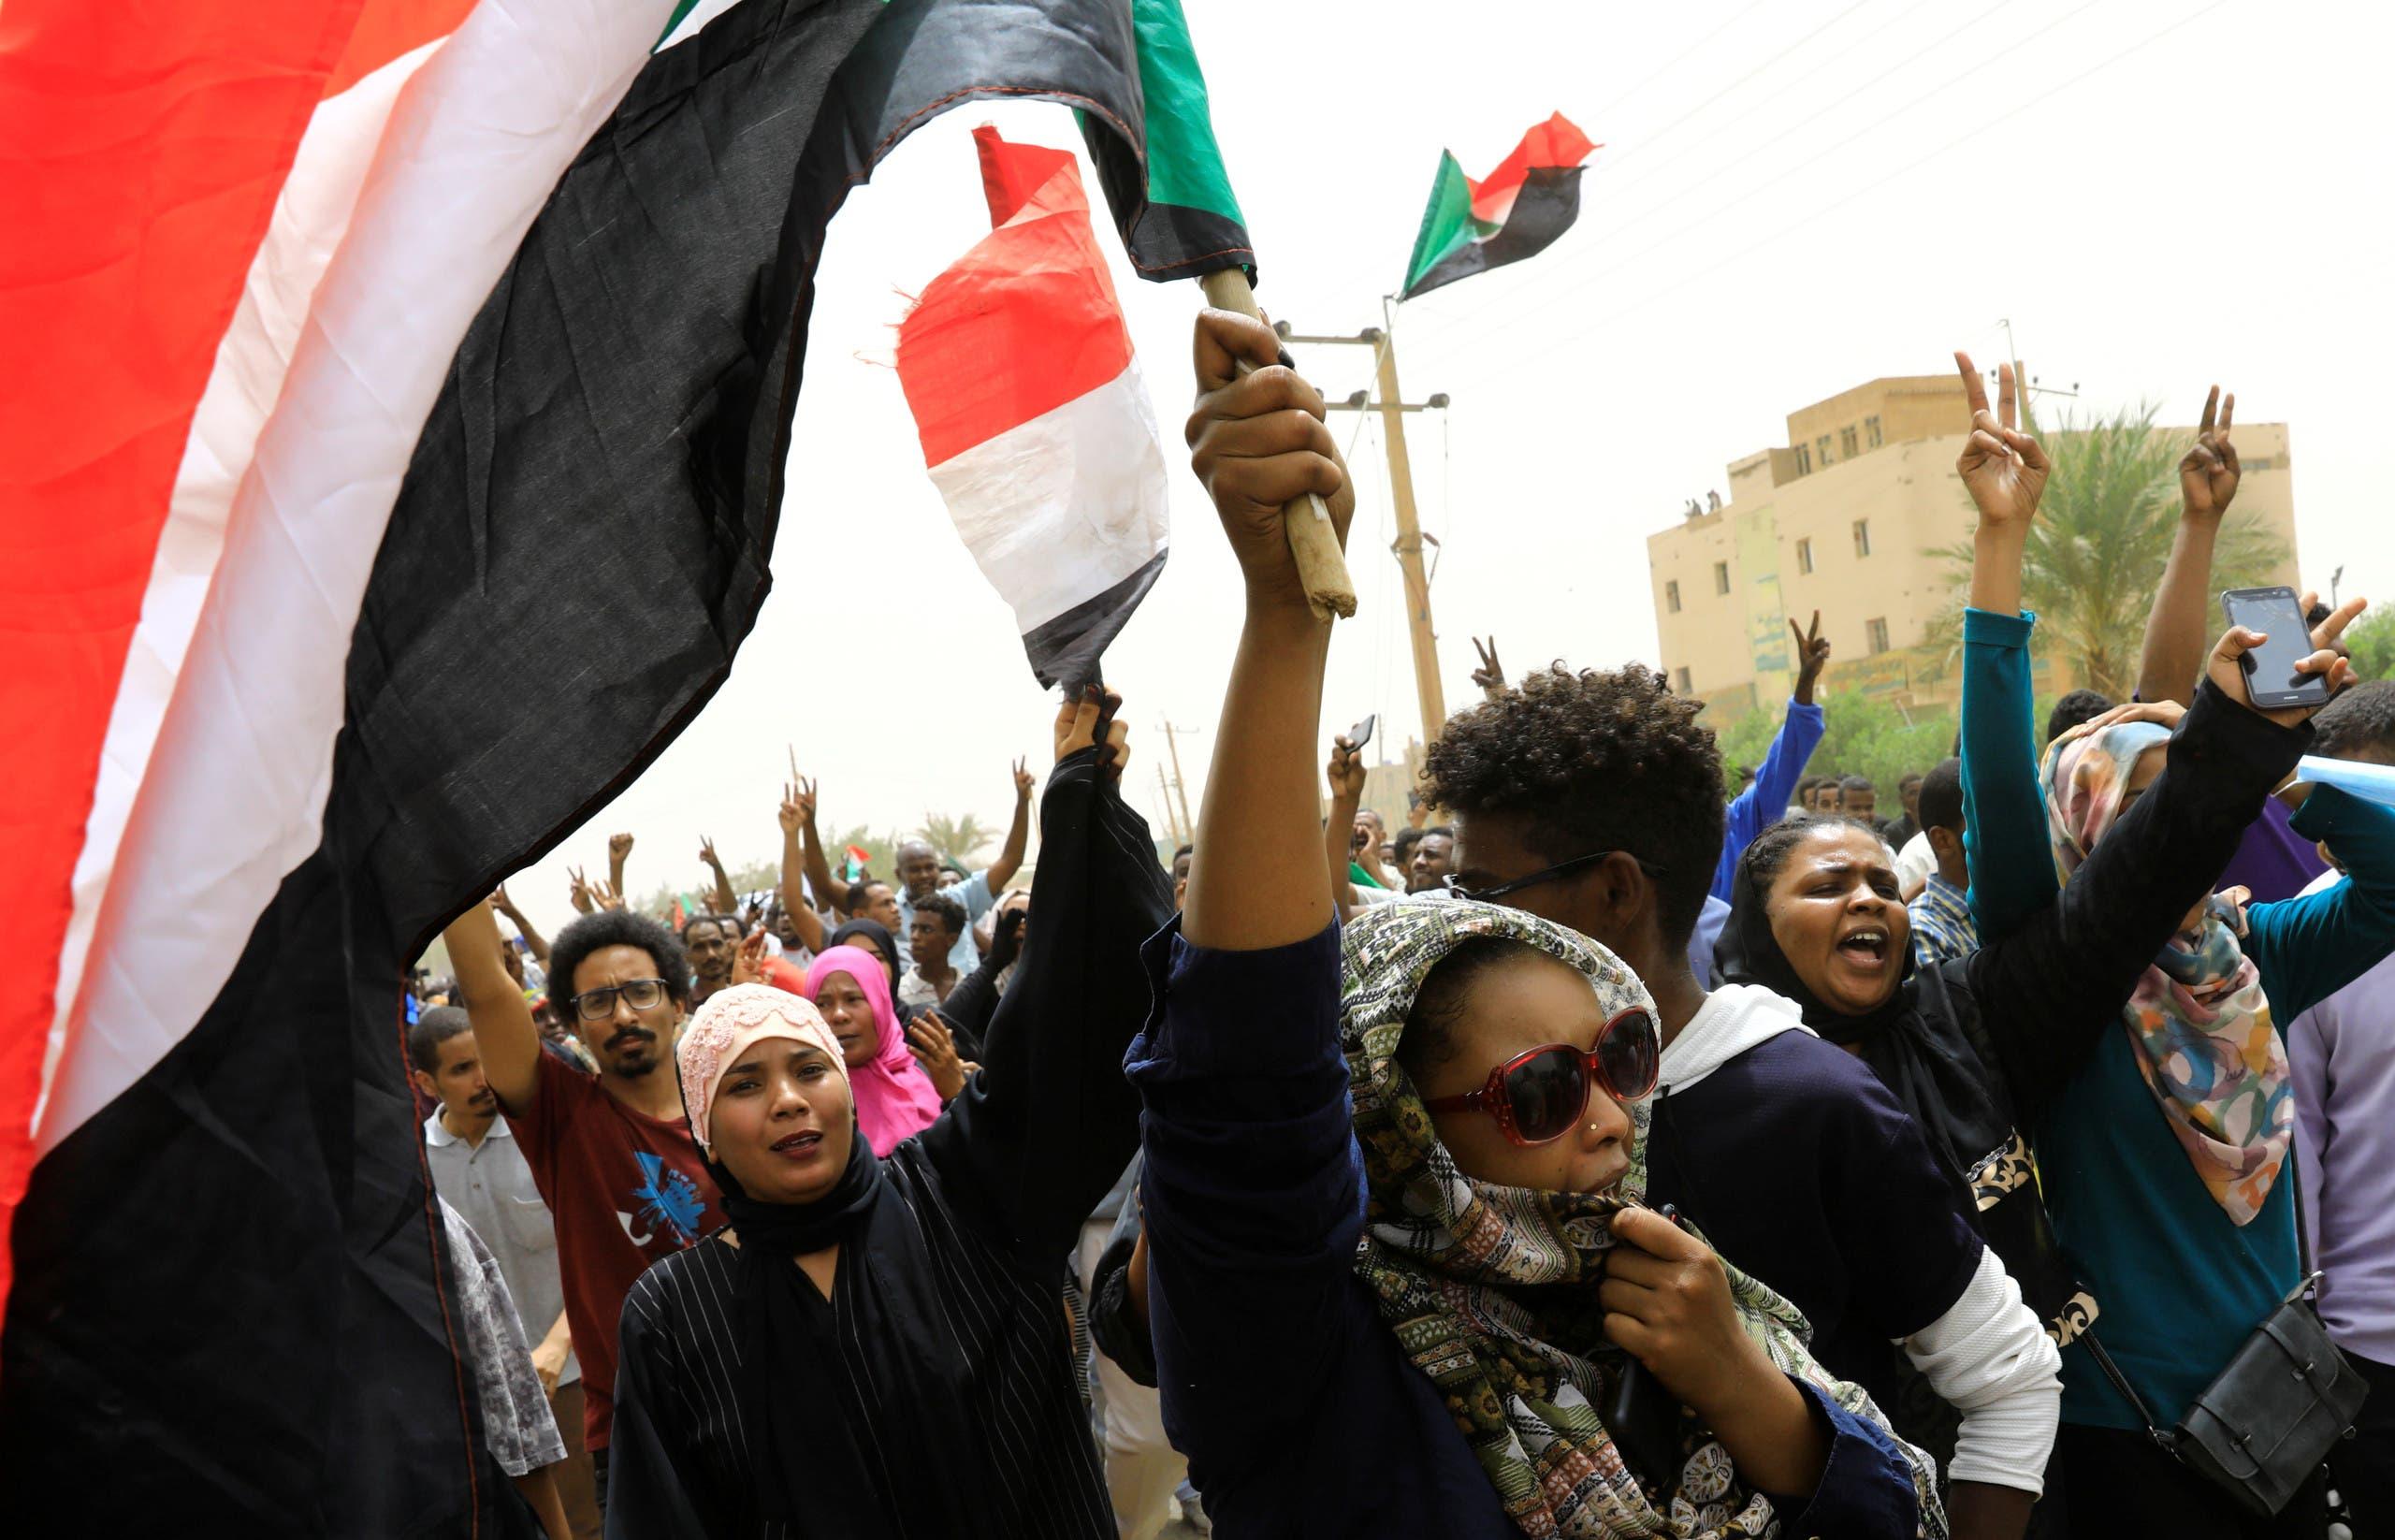 متاهرون في شوارع الخرطوم (أرشيفية- رويترز)